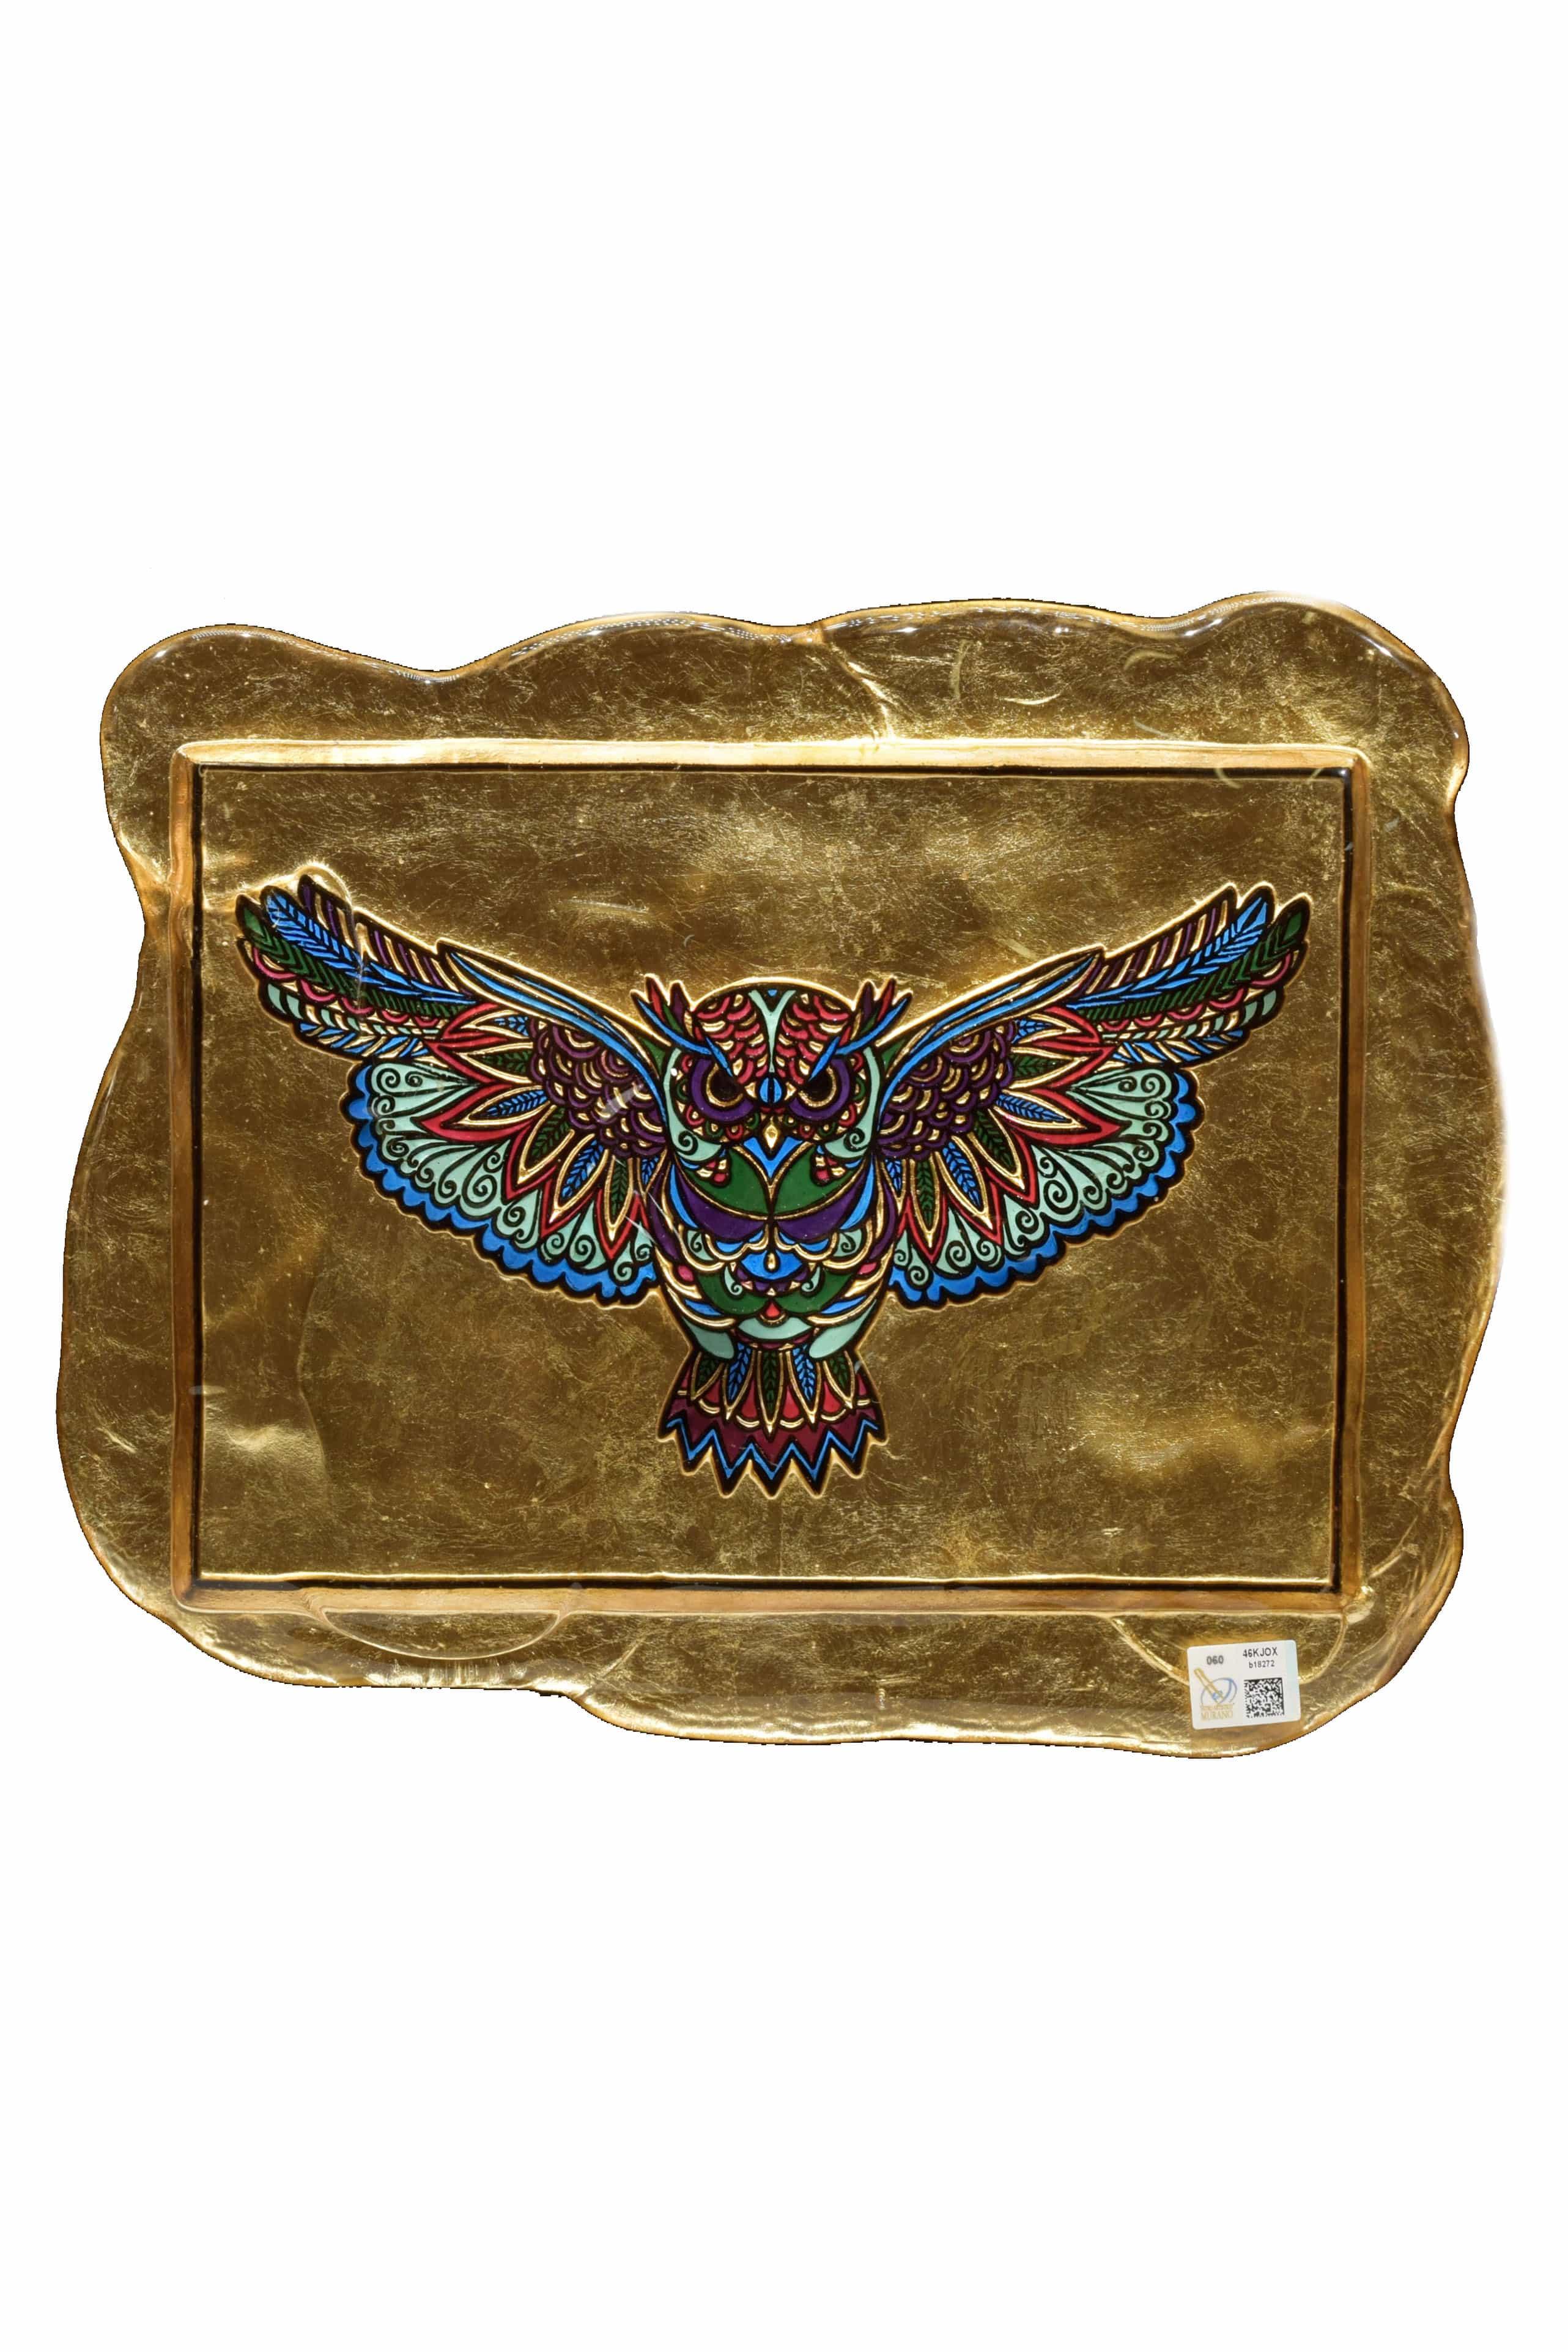 Bassorilievo in vetro di Murano rappresentante una civetta